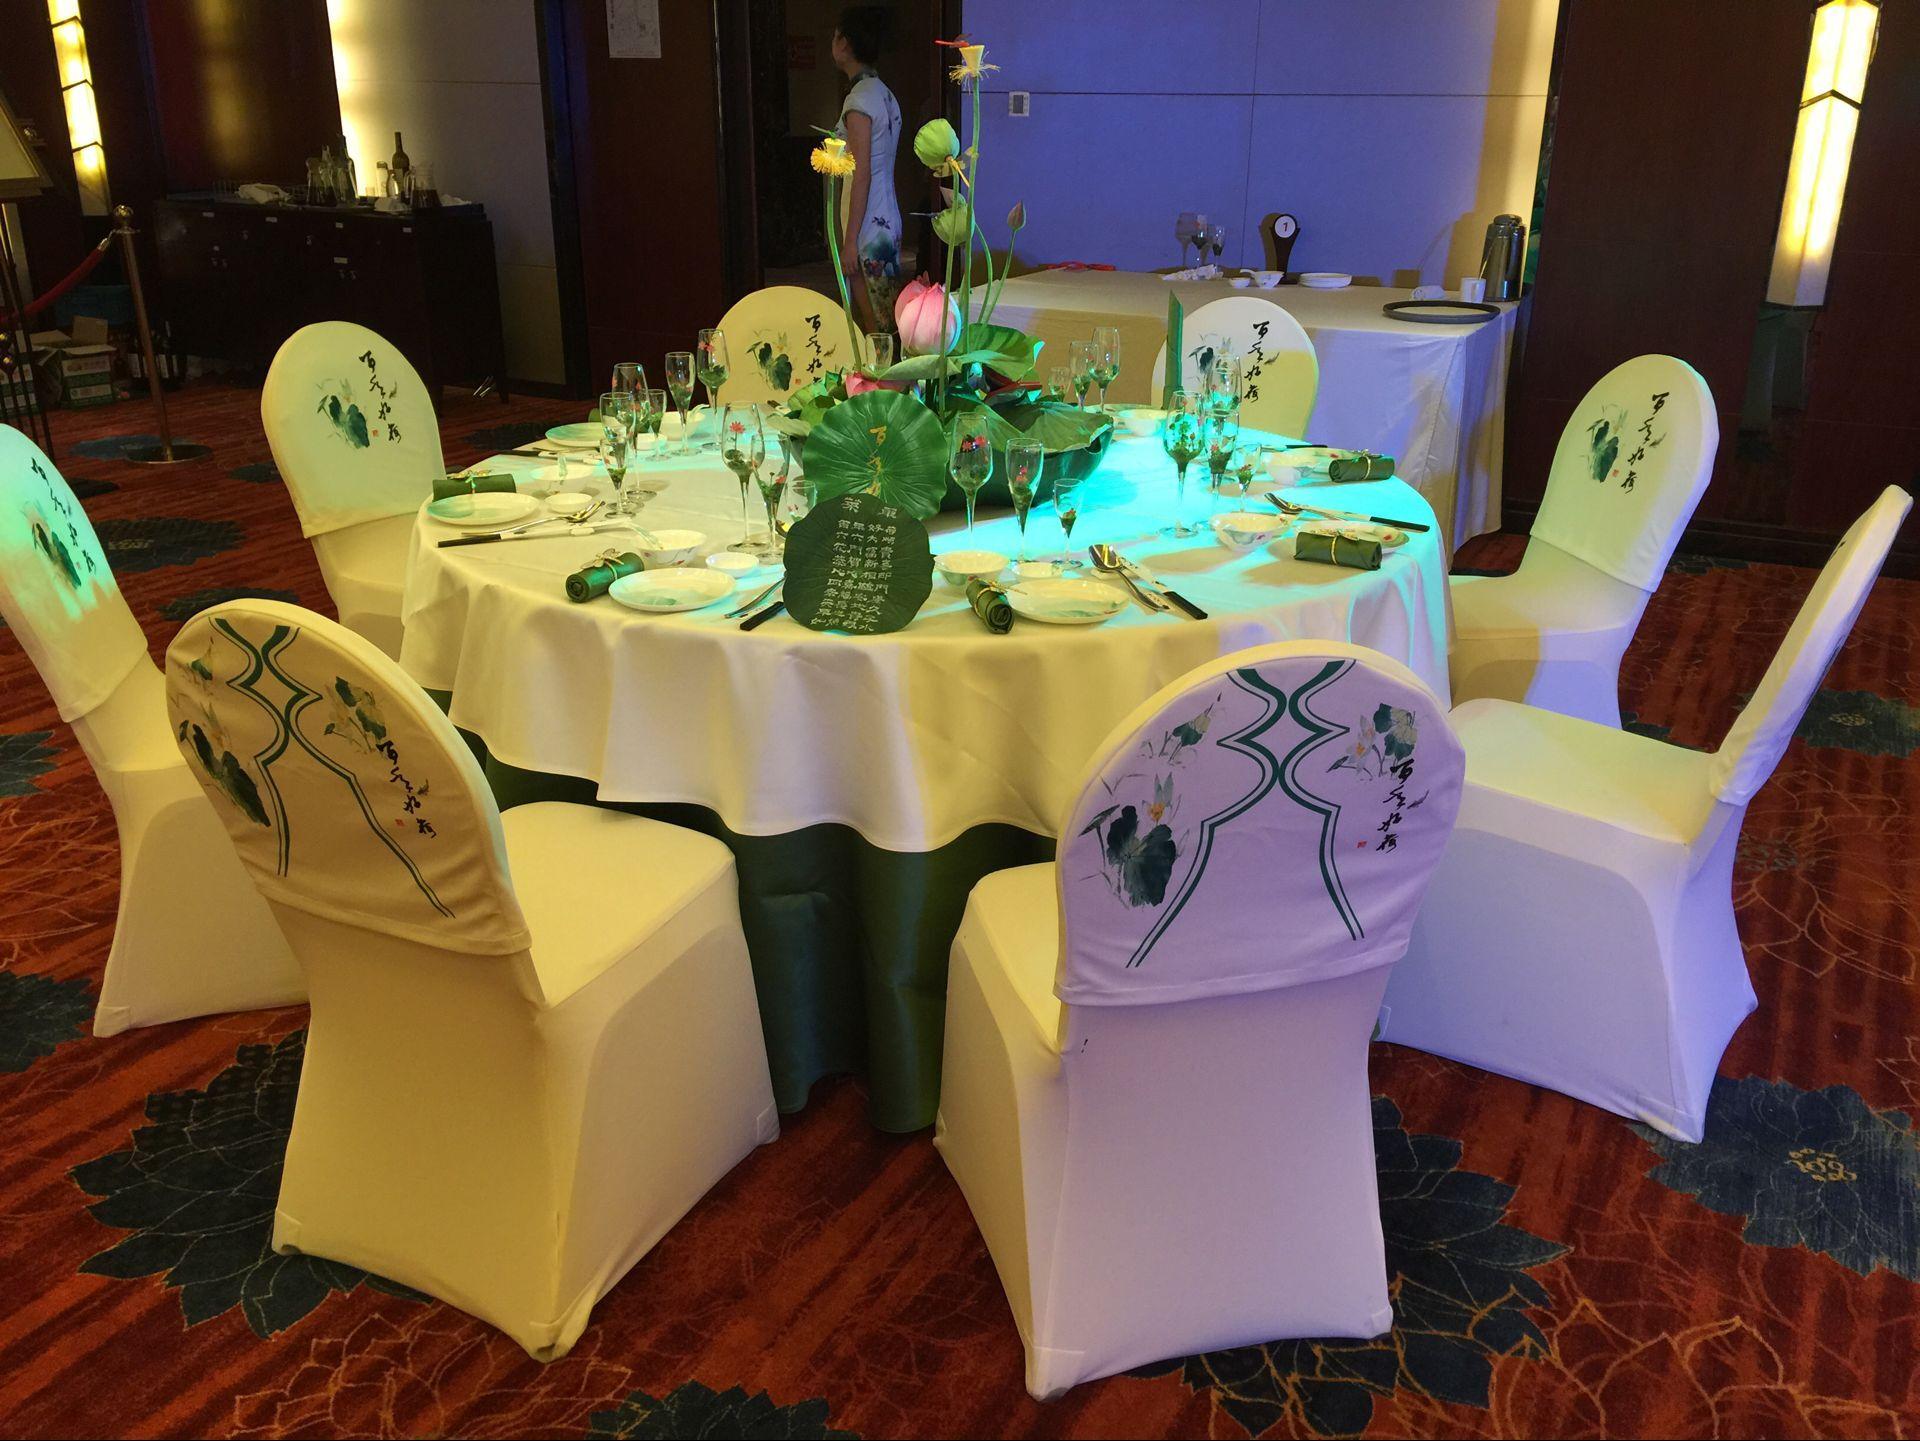 每次宴会主题摆台获奖后,您还会想起我们付出的努力吗?图片